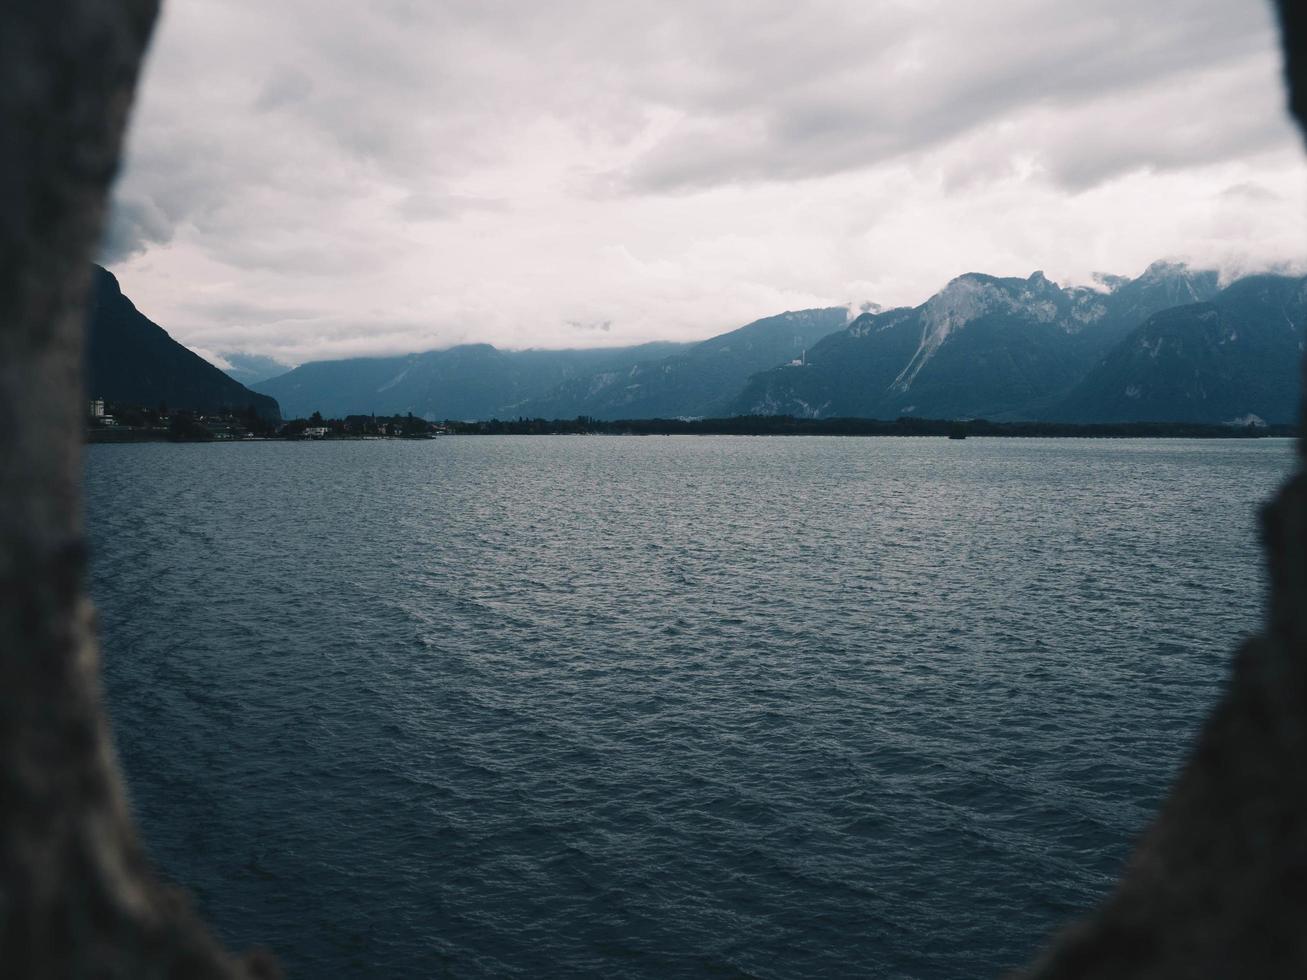 Blick auf den Ozean in der Nähe von Bergen foto